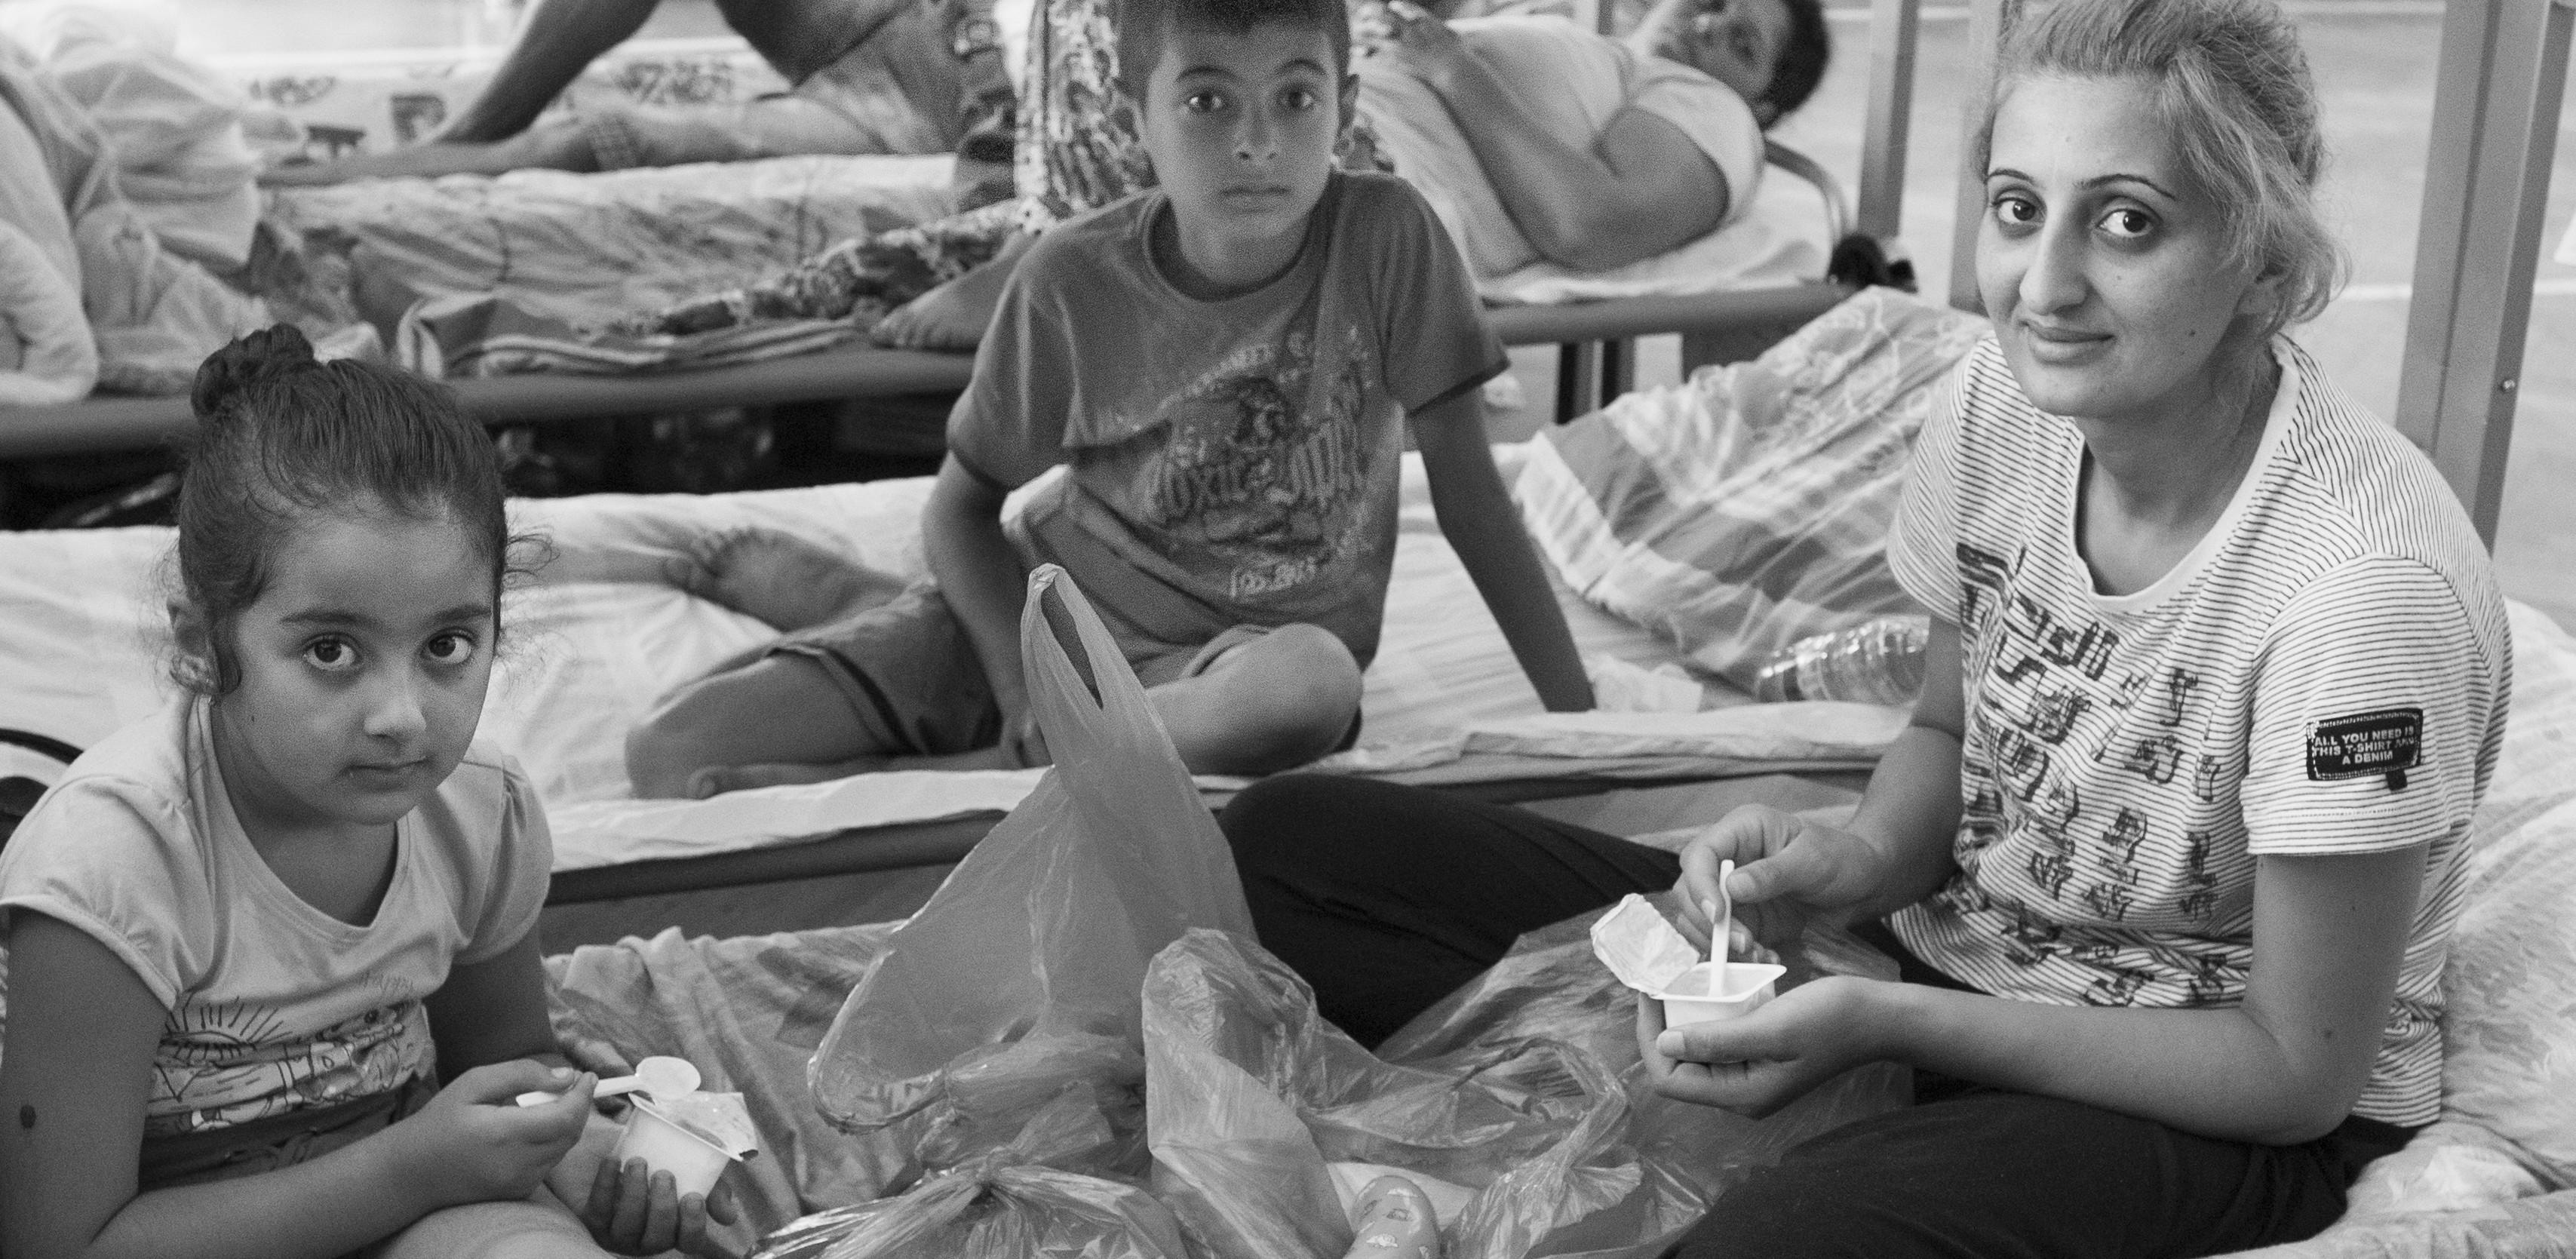 Lebenswirklich in Schwarz-Weiß: die Bilder aus dem PHV waren bis vor kurzem in einer Ausstellung in heidelberg zu sehen. Bilder: Udo Lahm